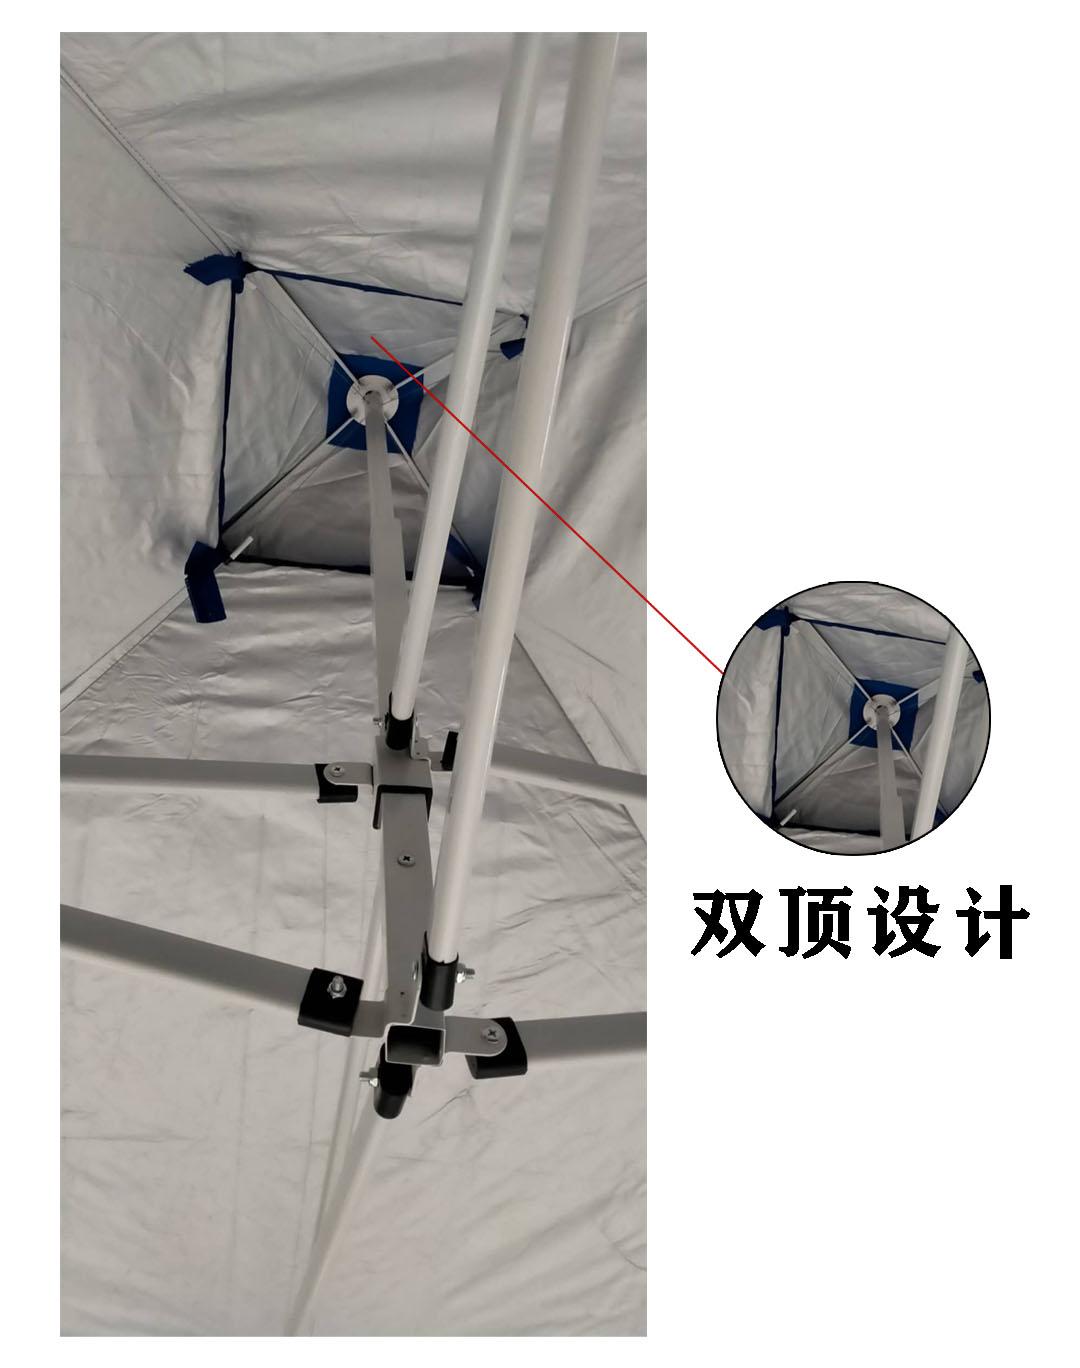 双顶广告车棚家用隔离遮阳棚 3 3 户外帐篷摆摊用篷四脚伞活动蓬